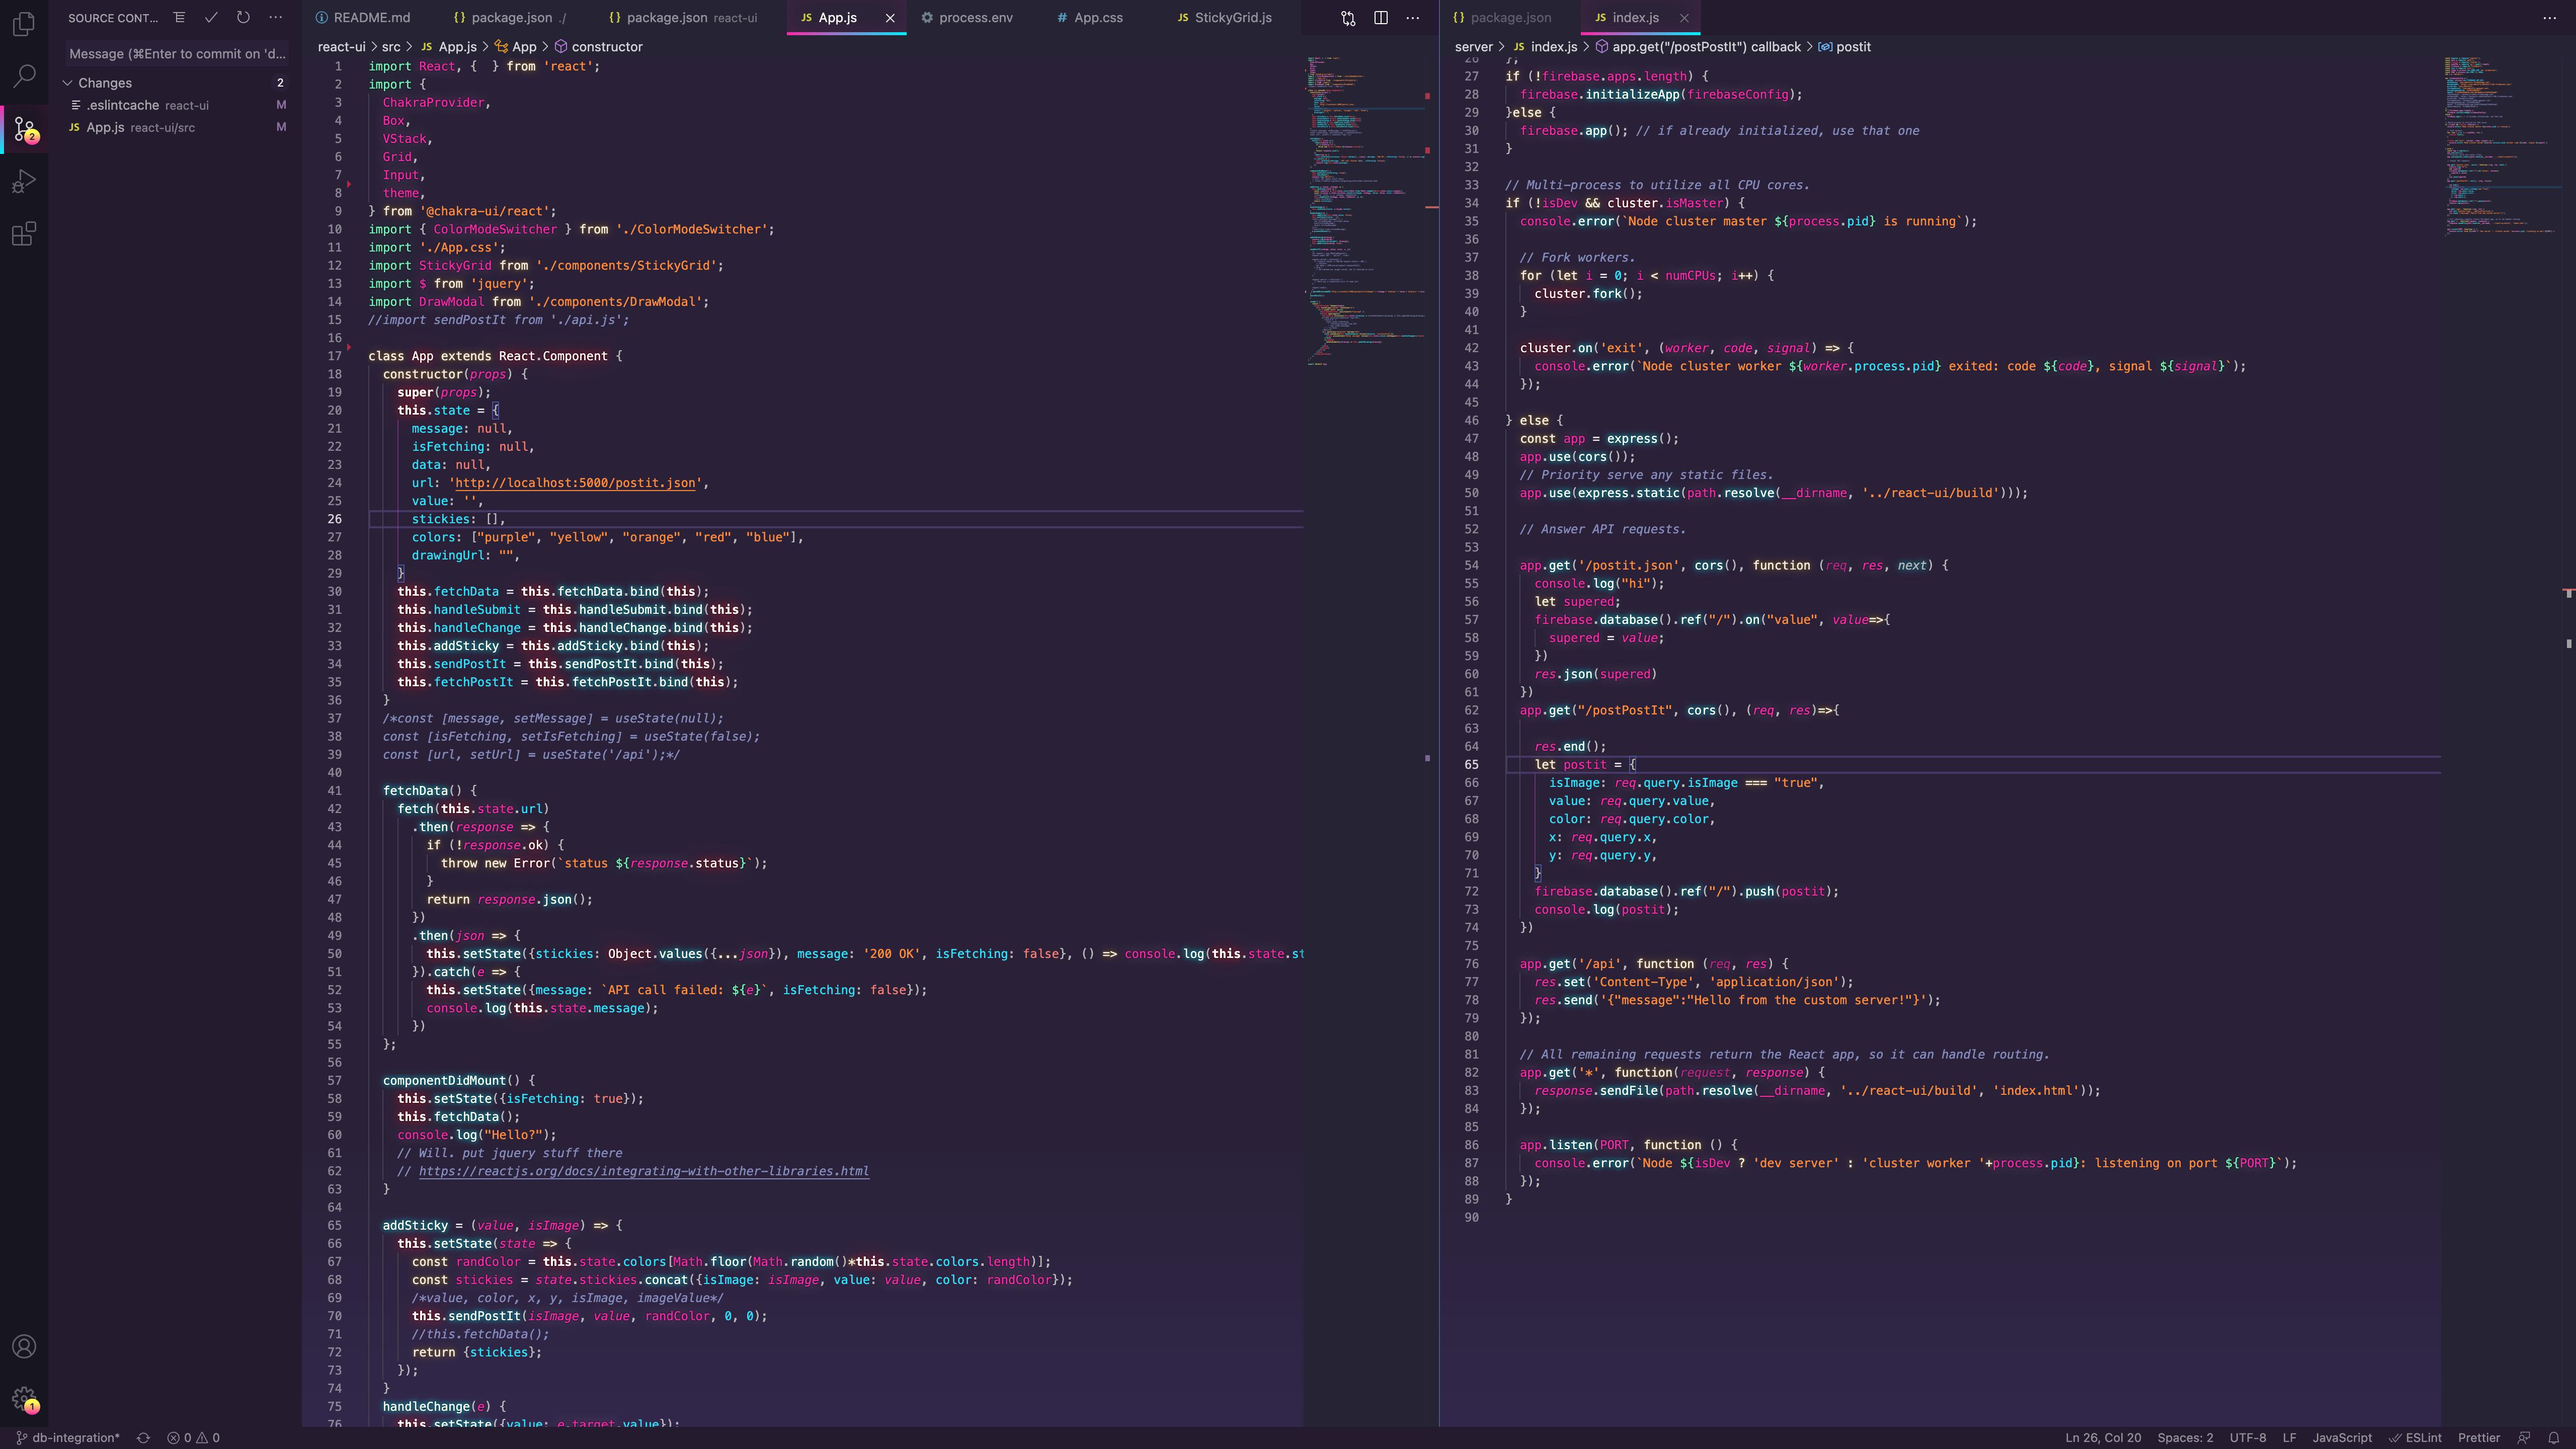 https://cloud-rfjjrwk3c-hack-club-bot.vercel.app/0screen_shot_2021-03-05_at_7.44.30_pm.png